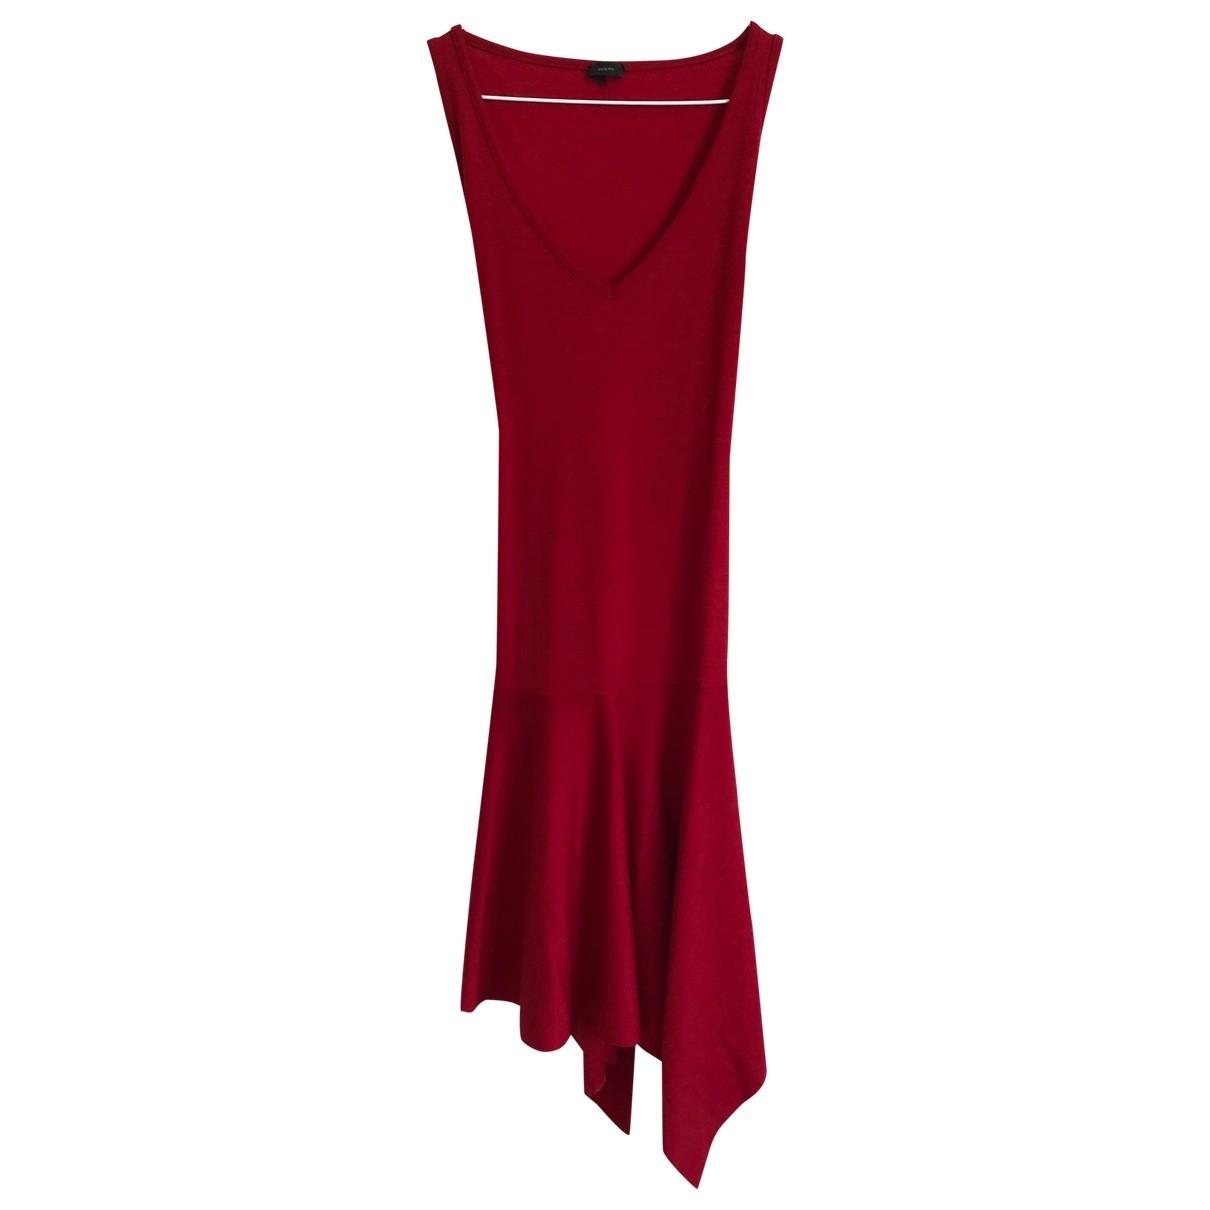 Joseph \N Red Wool dress for Women 38 FR